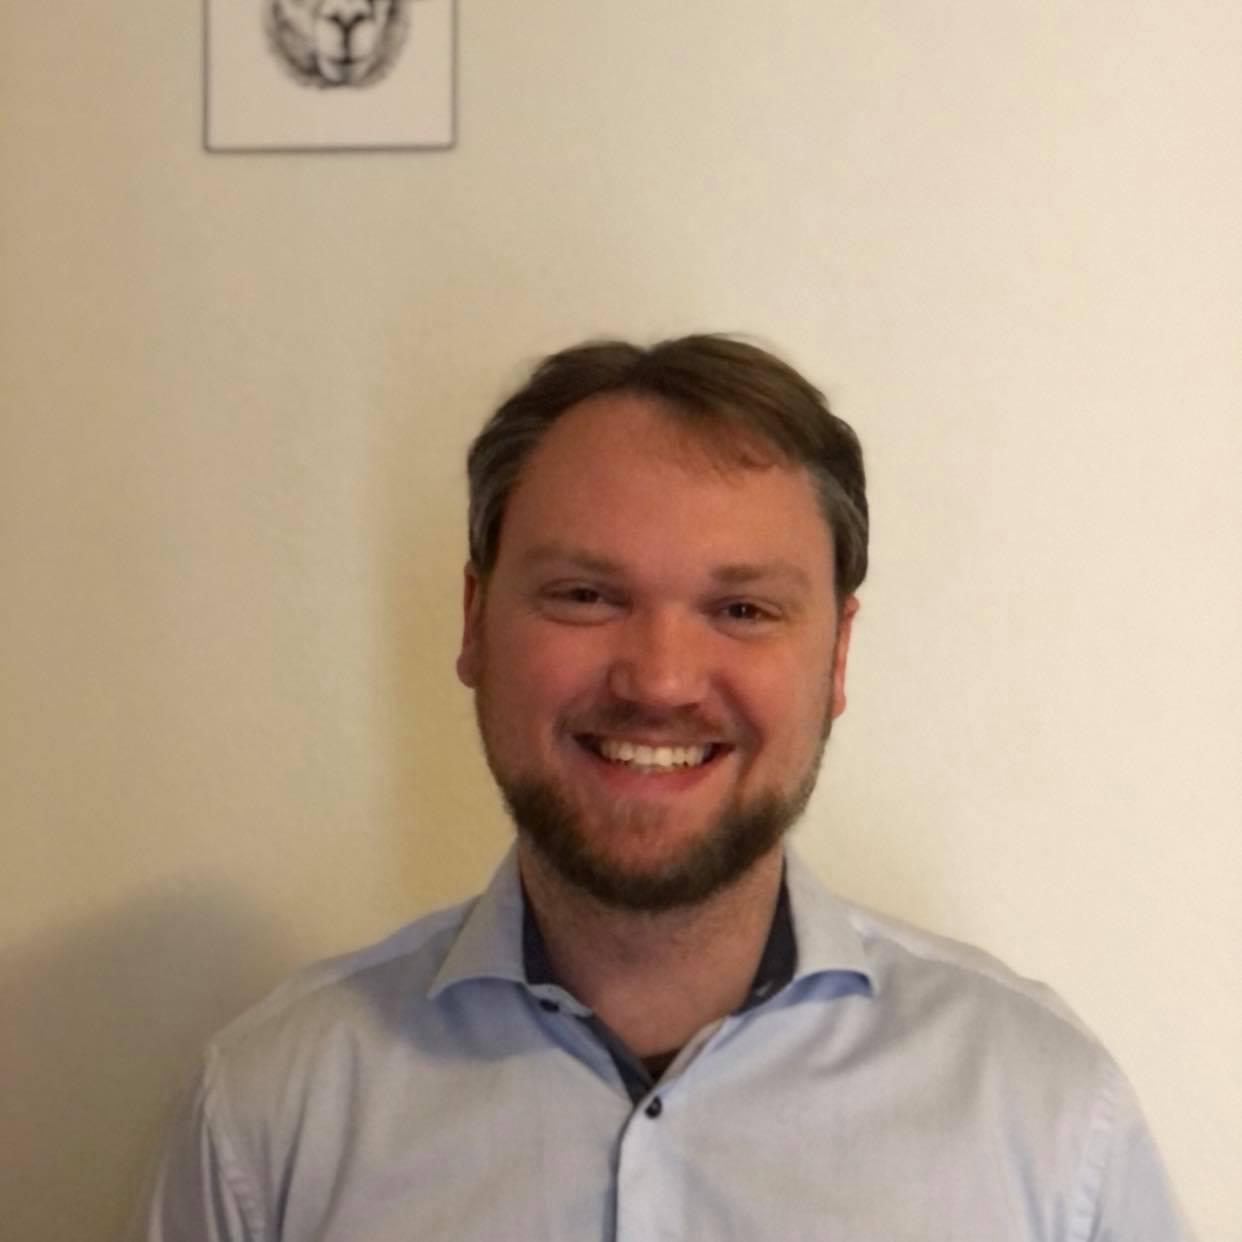 Jens Jakob Kjaer